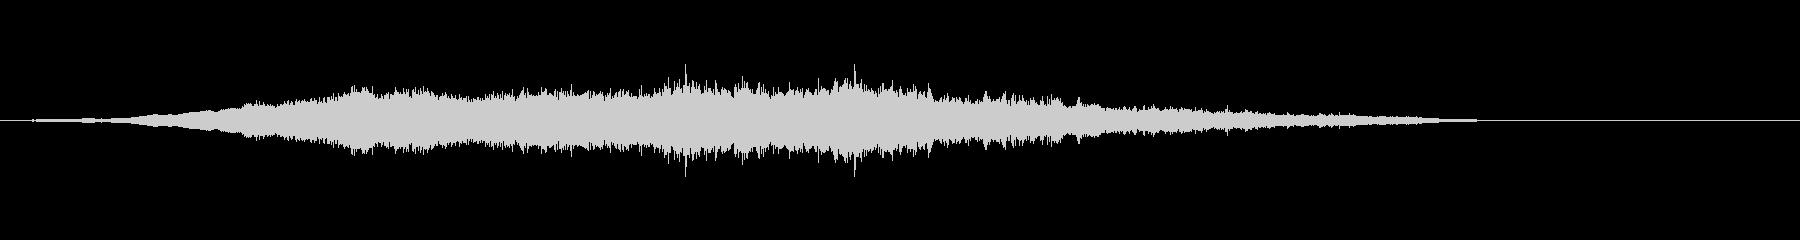 厳かな笙の音の未再生の波形